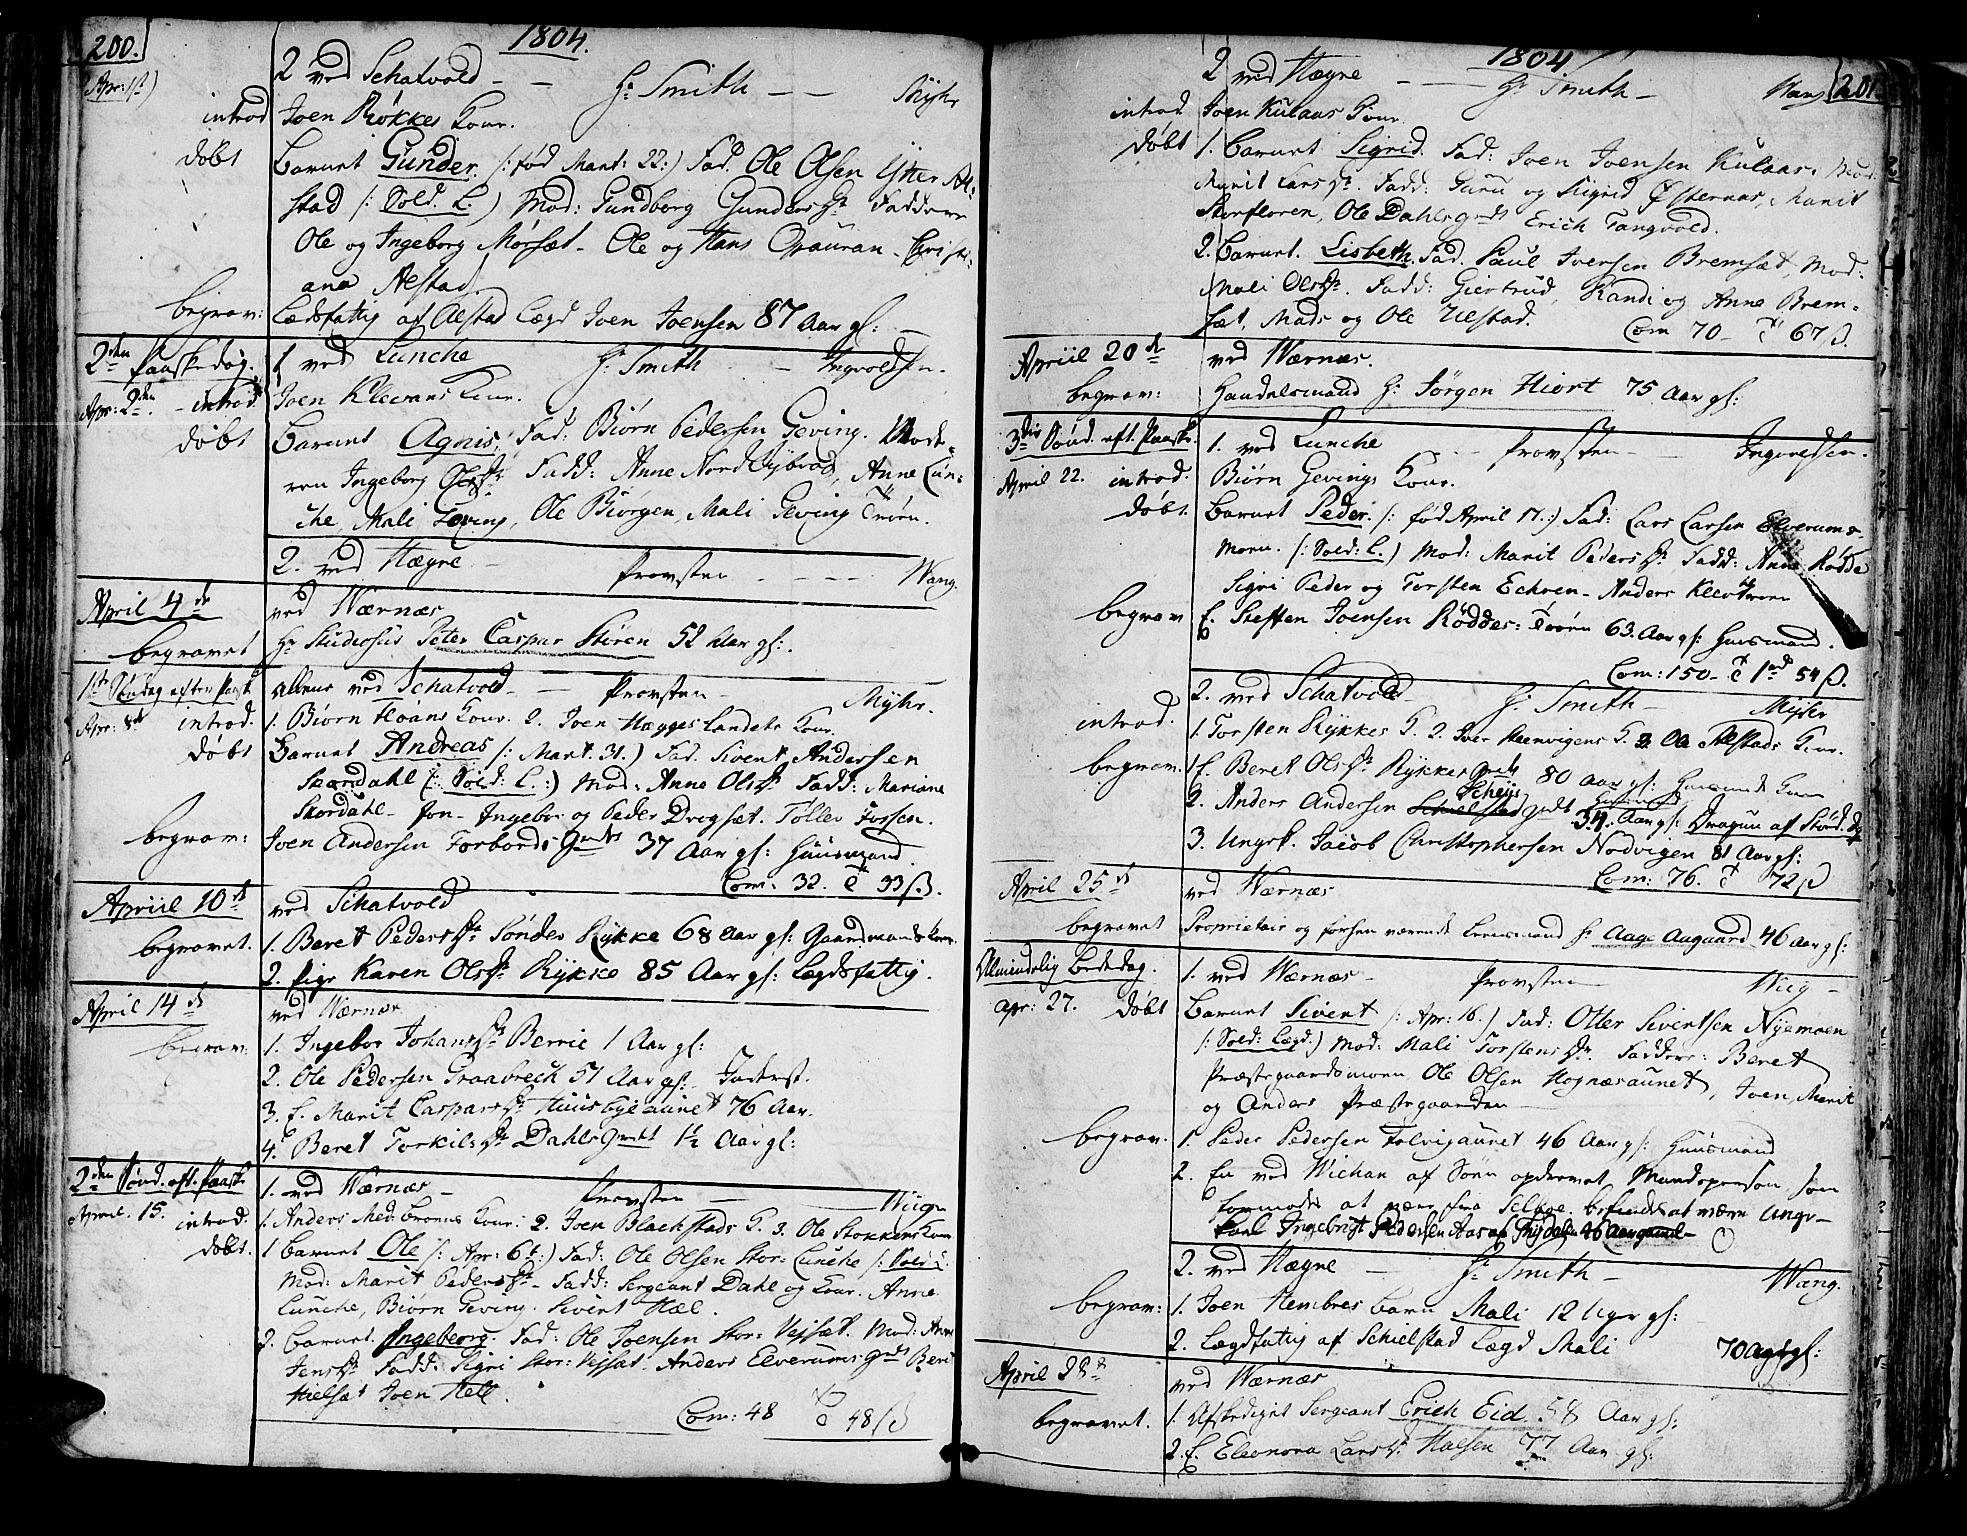 SAT, Ministerialprotokoller, klokkerbøker og fødselsregistre - Nord-Trøndelag, 709/L0060: Ministerialbok nr. 709A07, 1797-1815, s. 200-201